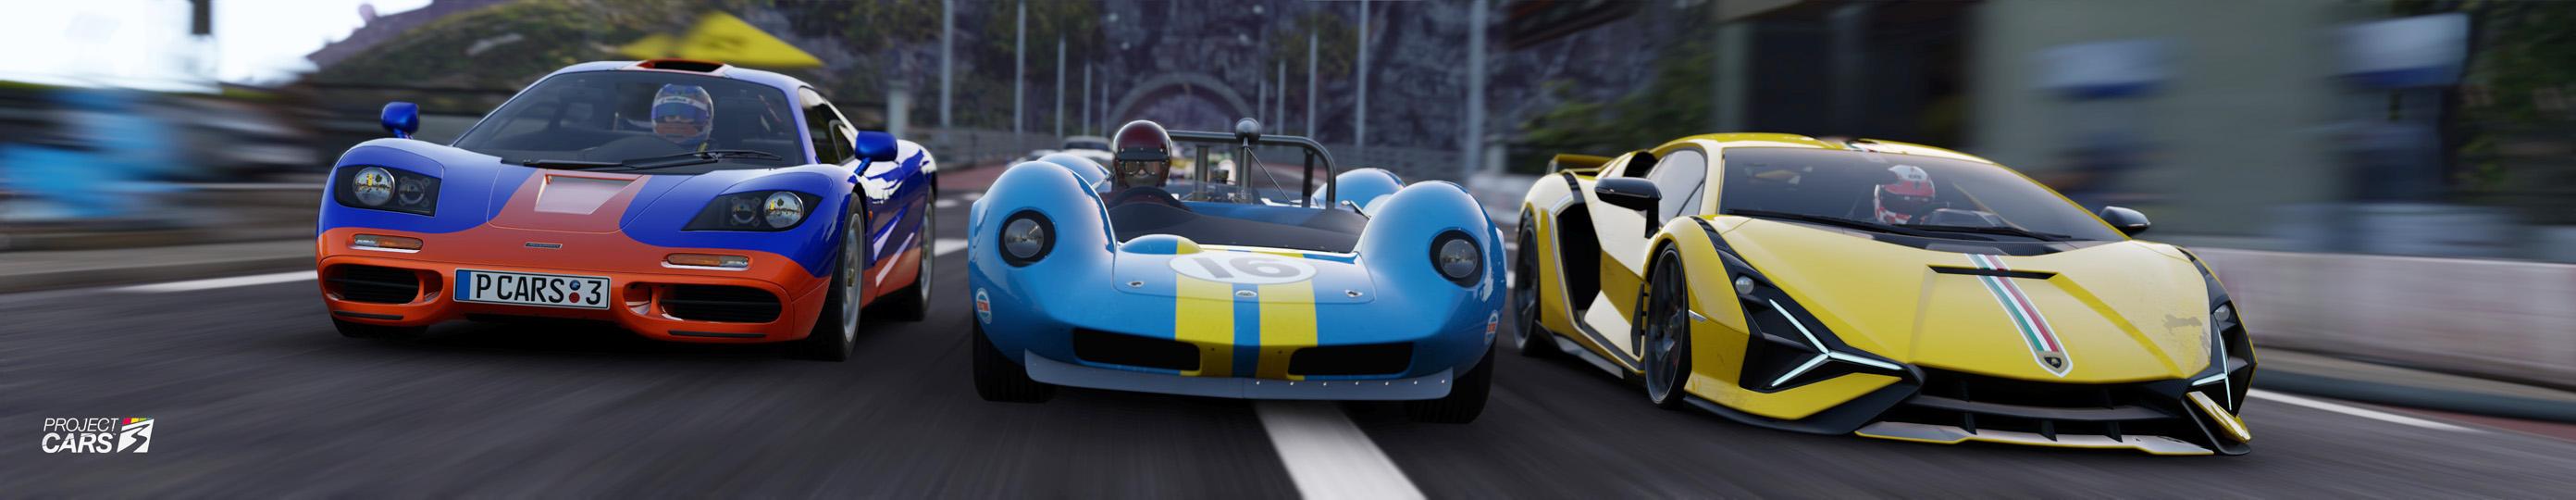 0 PROJECT CARS 3 Ferrari Lambo Henessay DLC crop copy.jpg